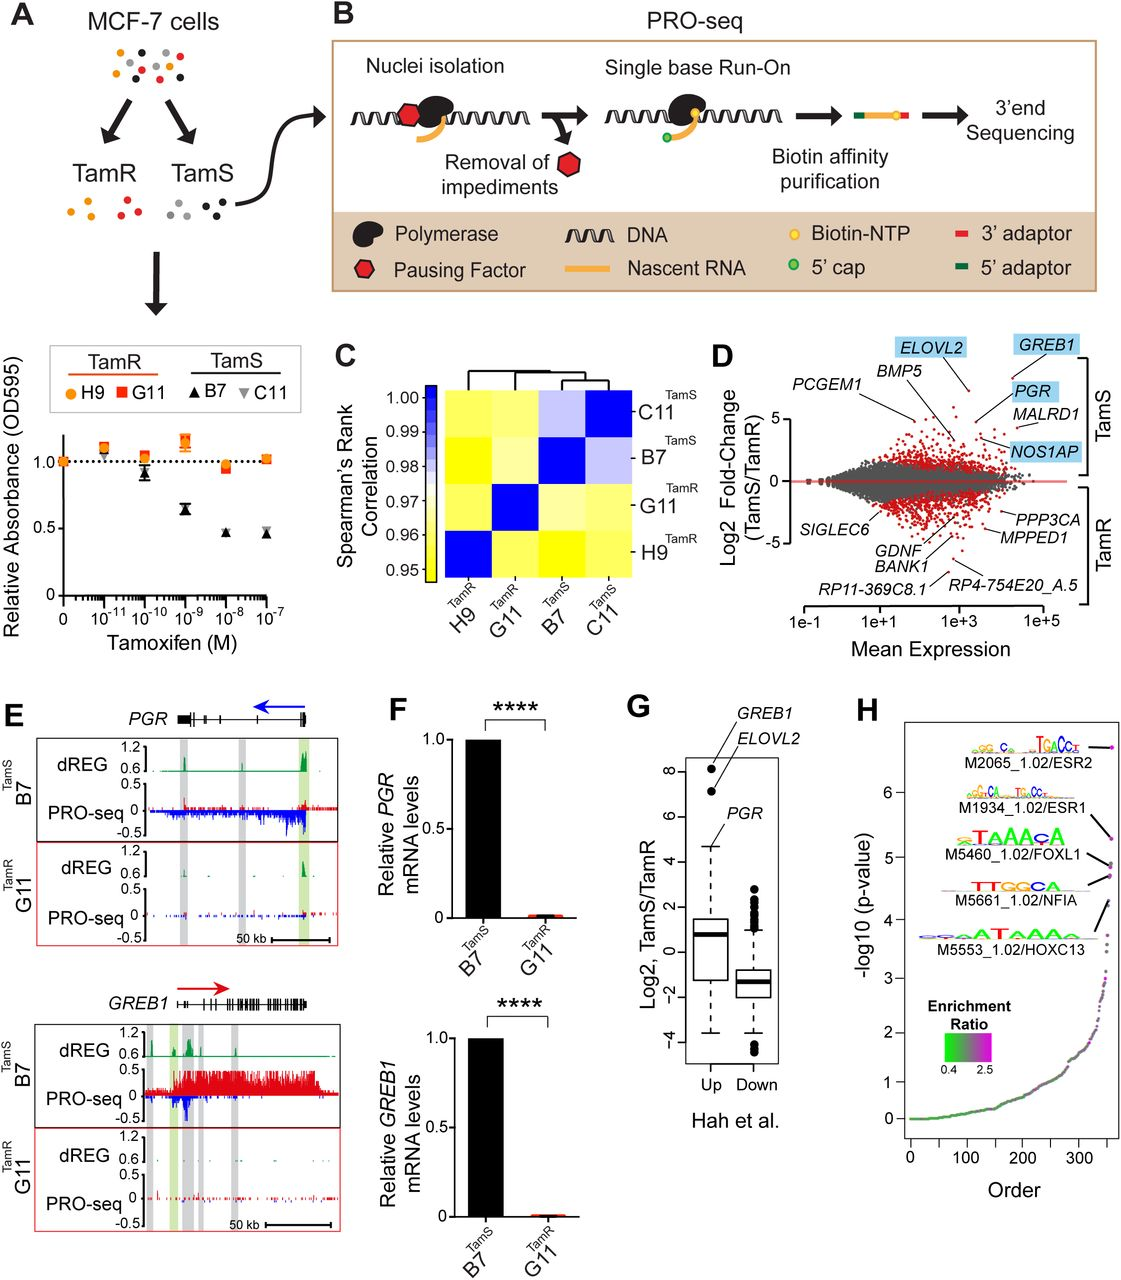 RET Ligands Mediate Endocrine Sensitivity via a Bi-stable Feedback